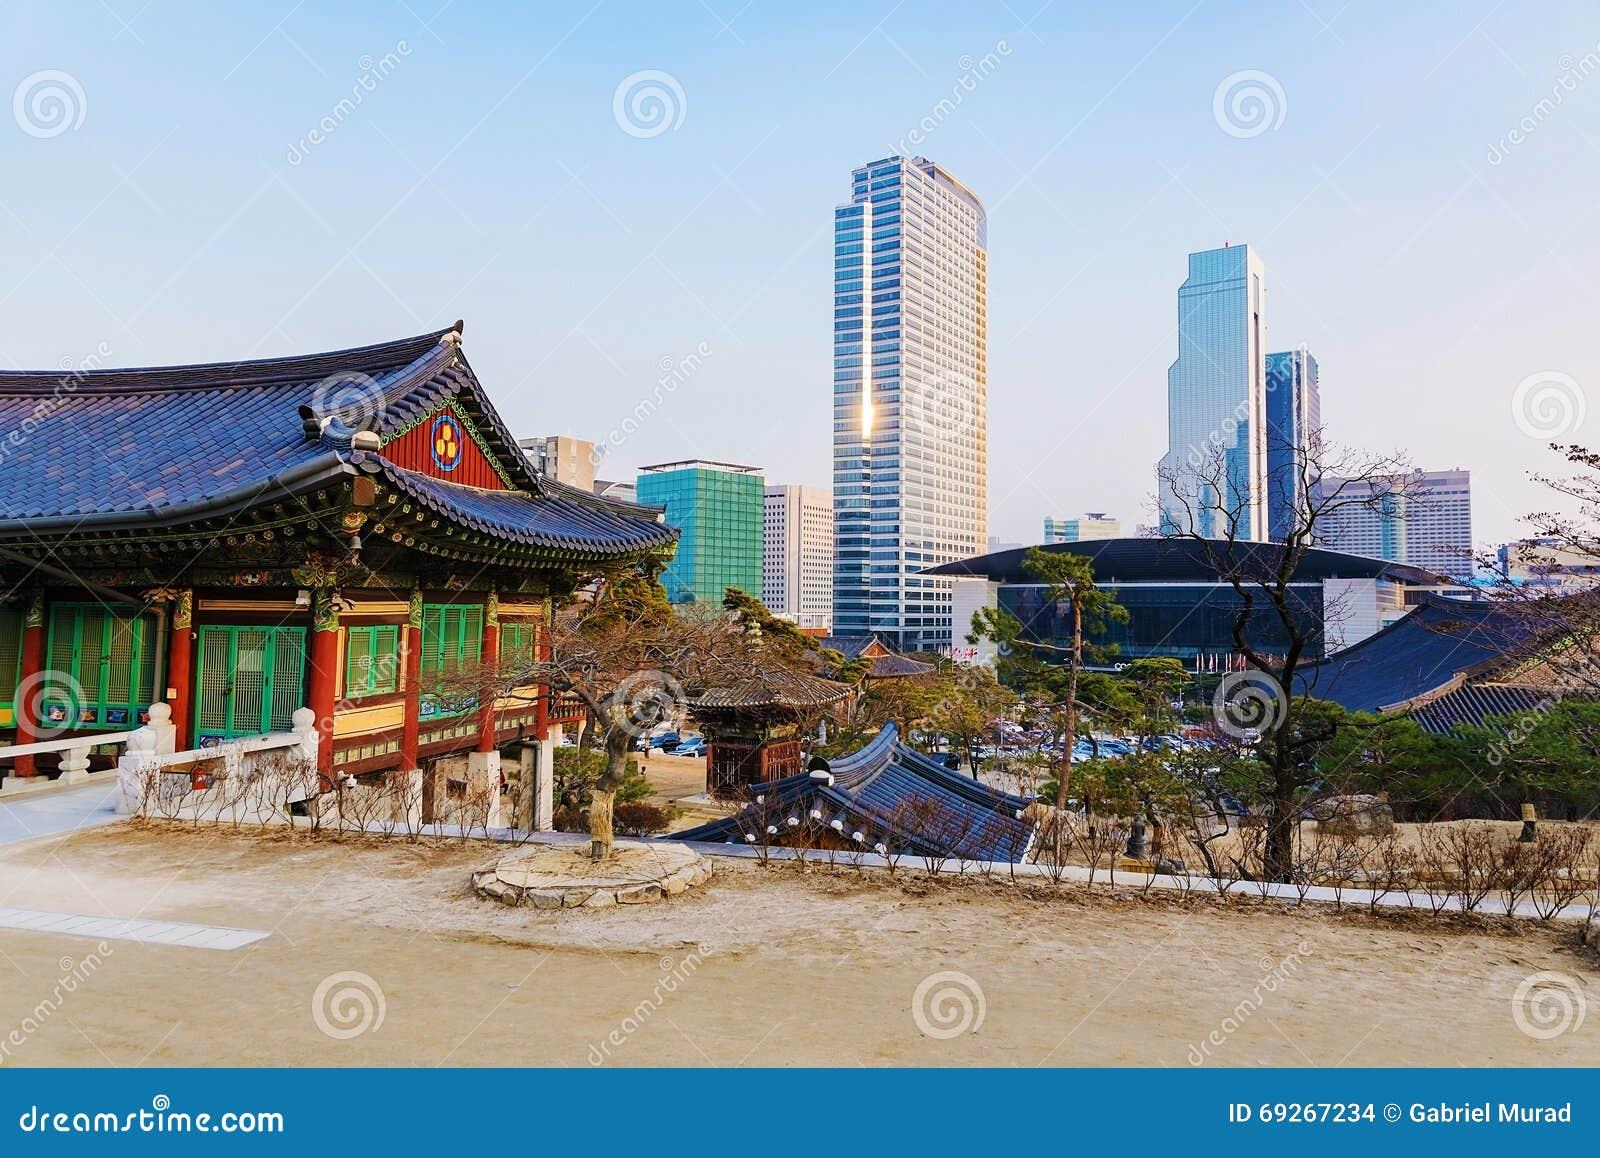 Ήρεμος ναός με τα κτίρια γραφείων στο υπόβαθρο στη Σεούλ